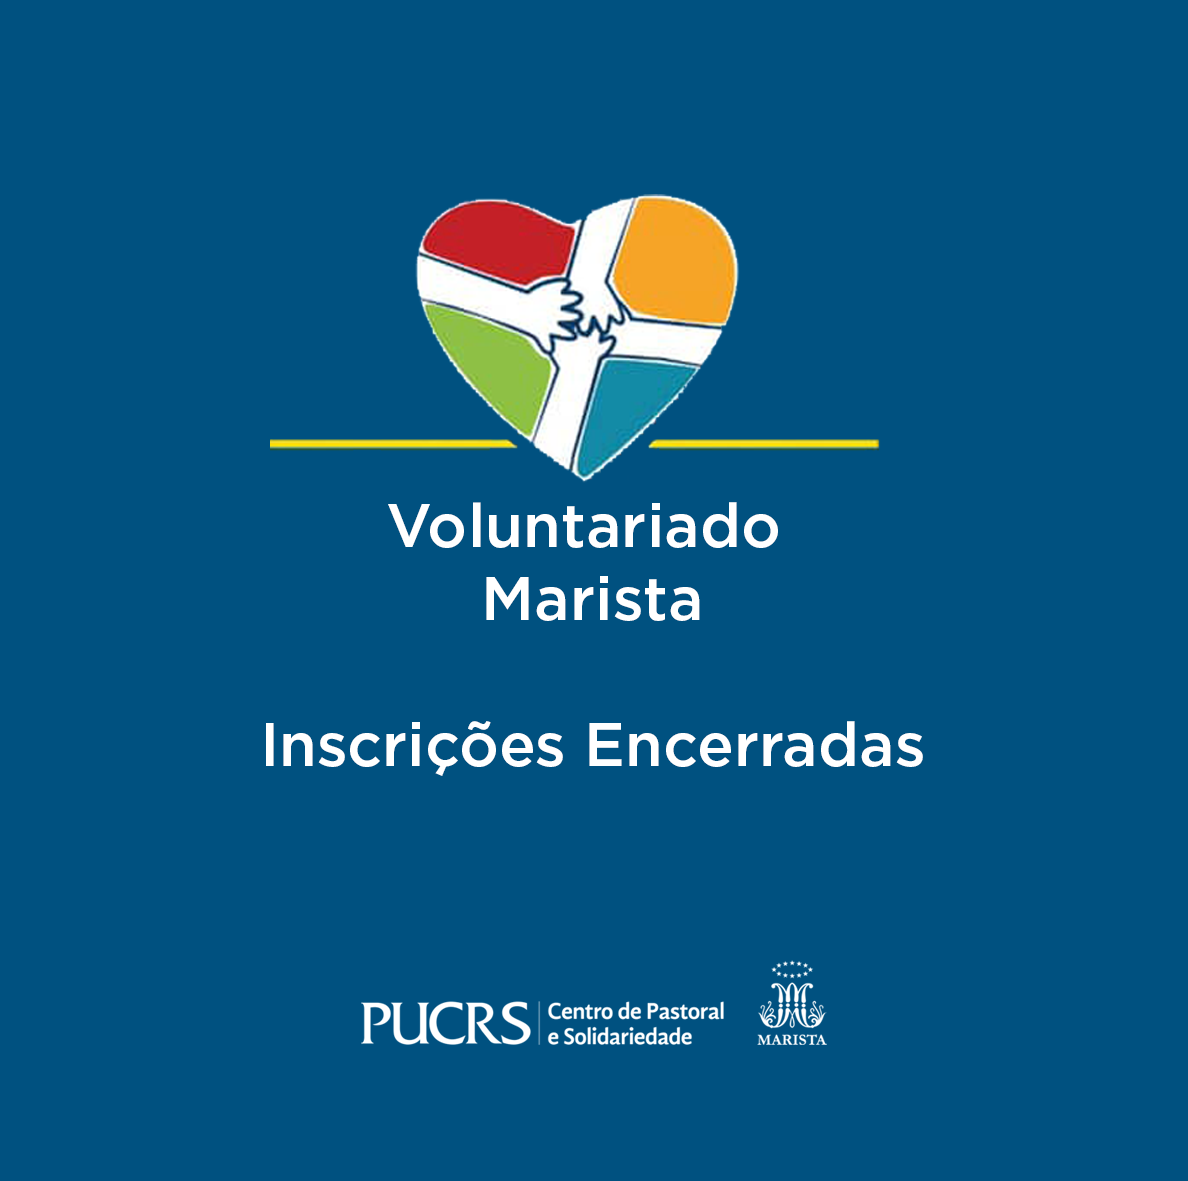 Voluntariado PUCRS: VAGAS PREENCHIDAS